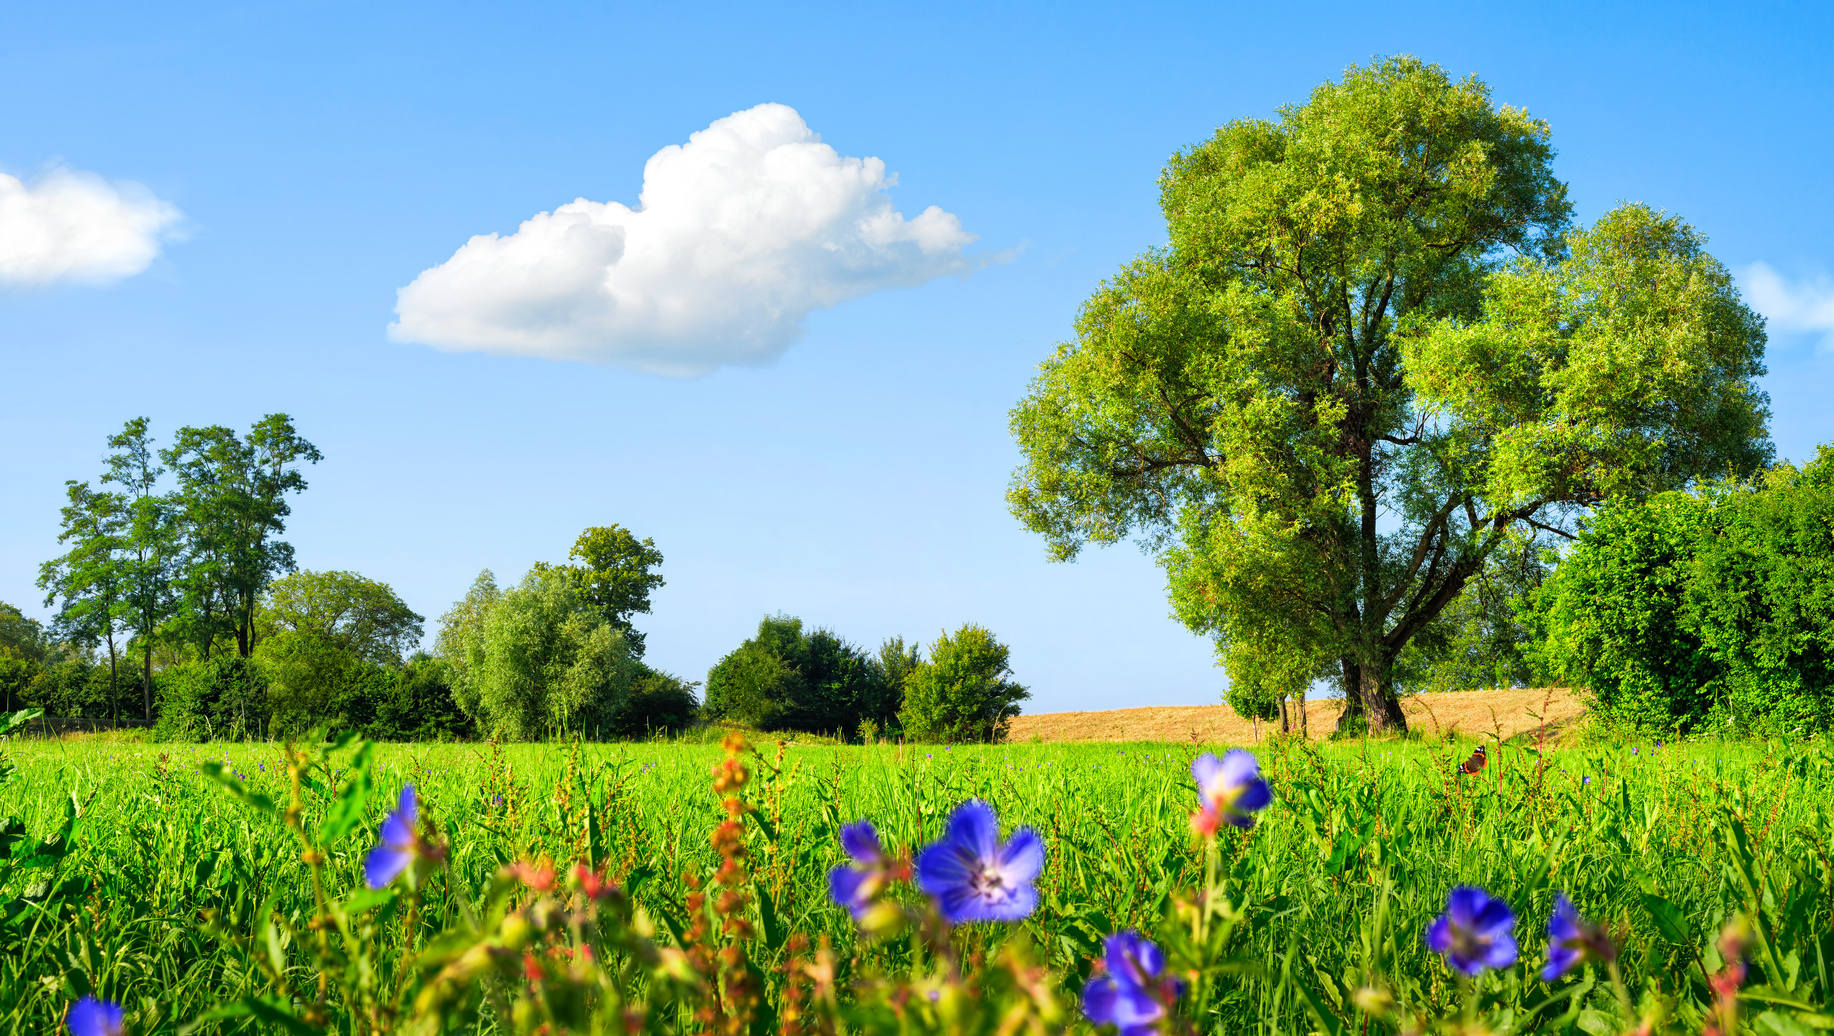 Idyllische Wiesenlandschaft mit Blümchen und Bäumen bei blauem Himmel